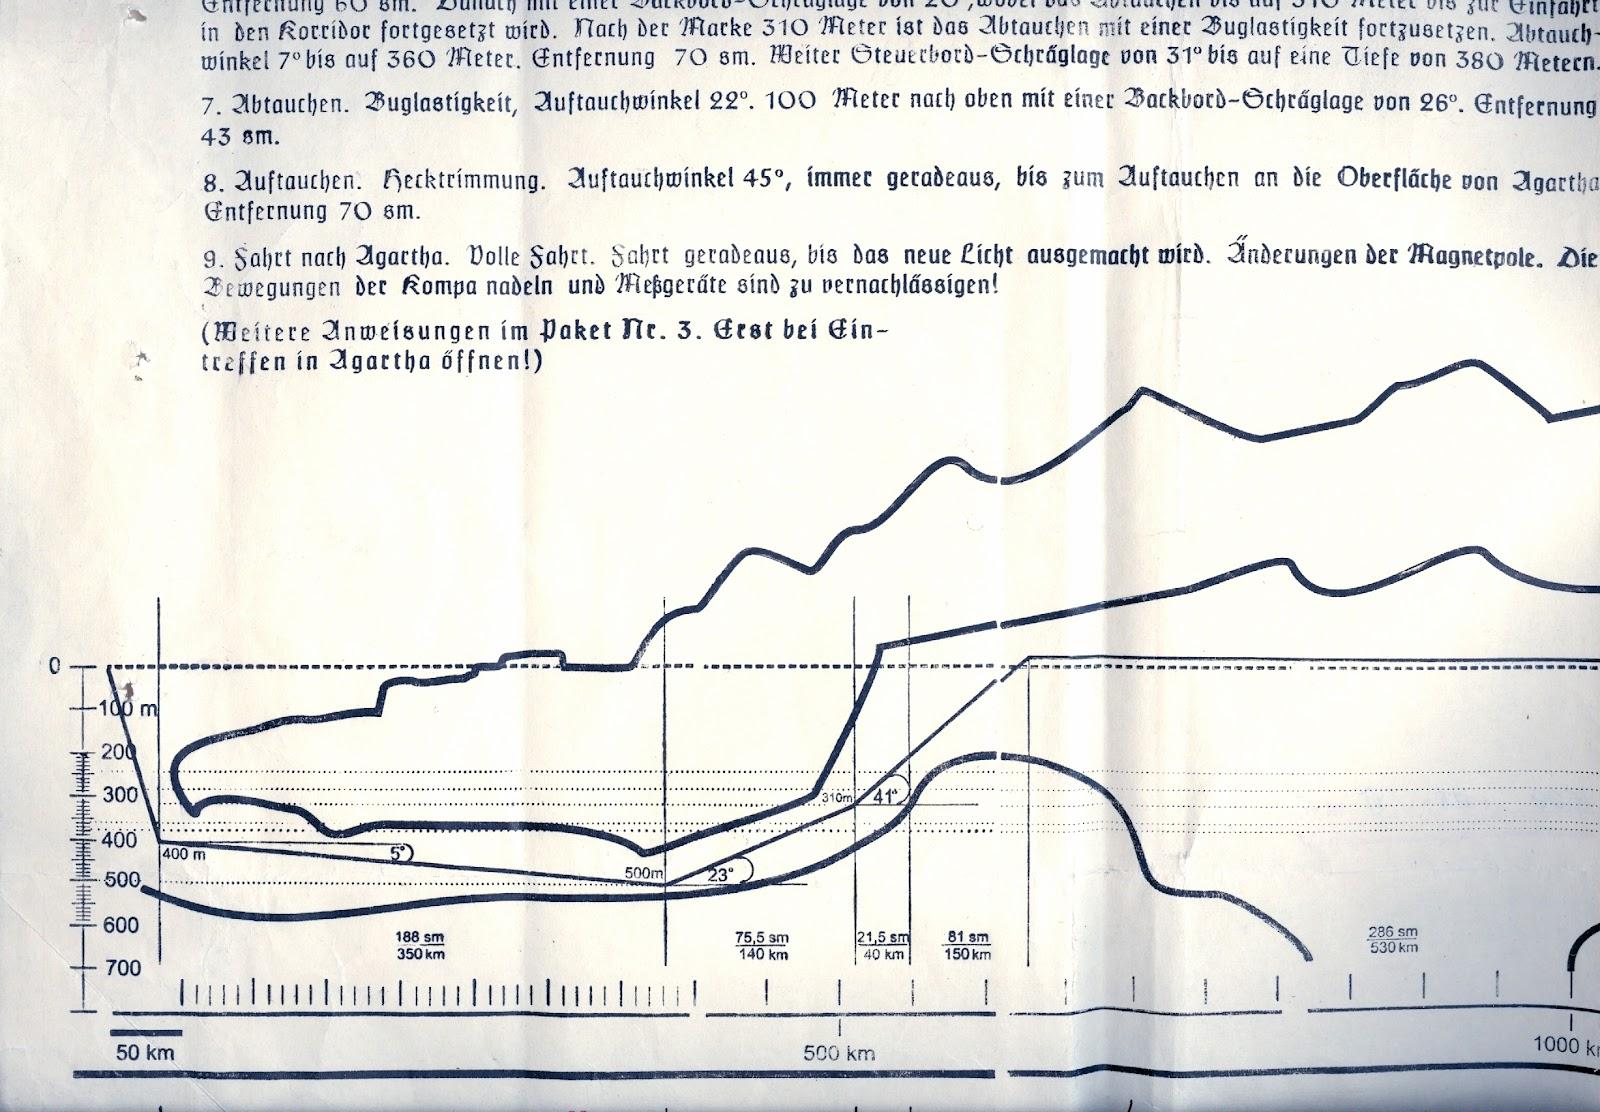 Картинки по запросу вход в агарти немецкие документы фото